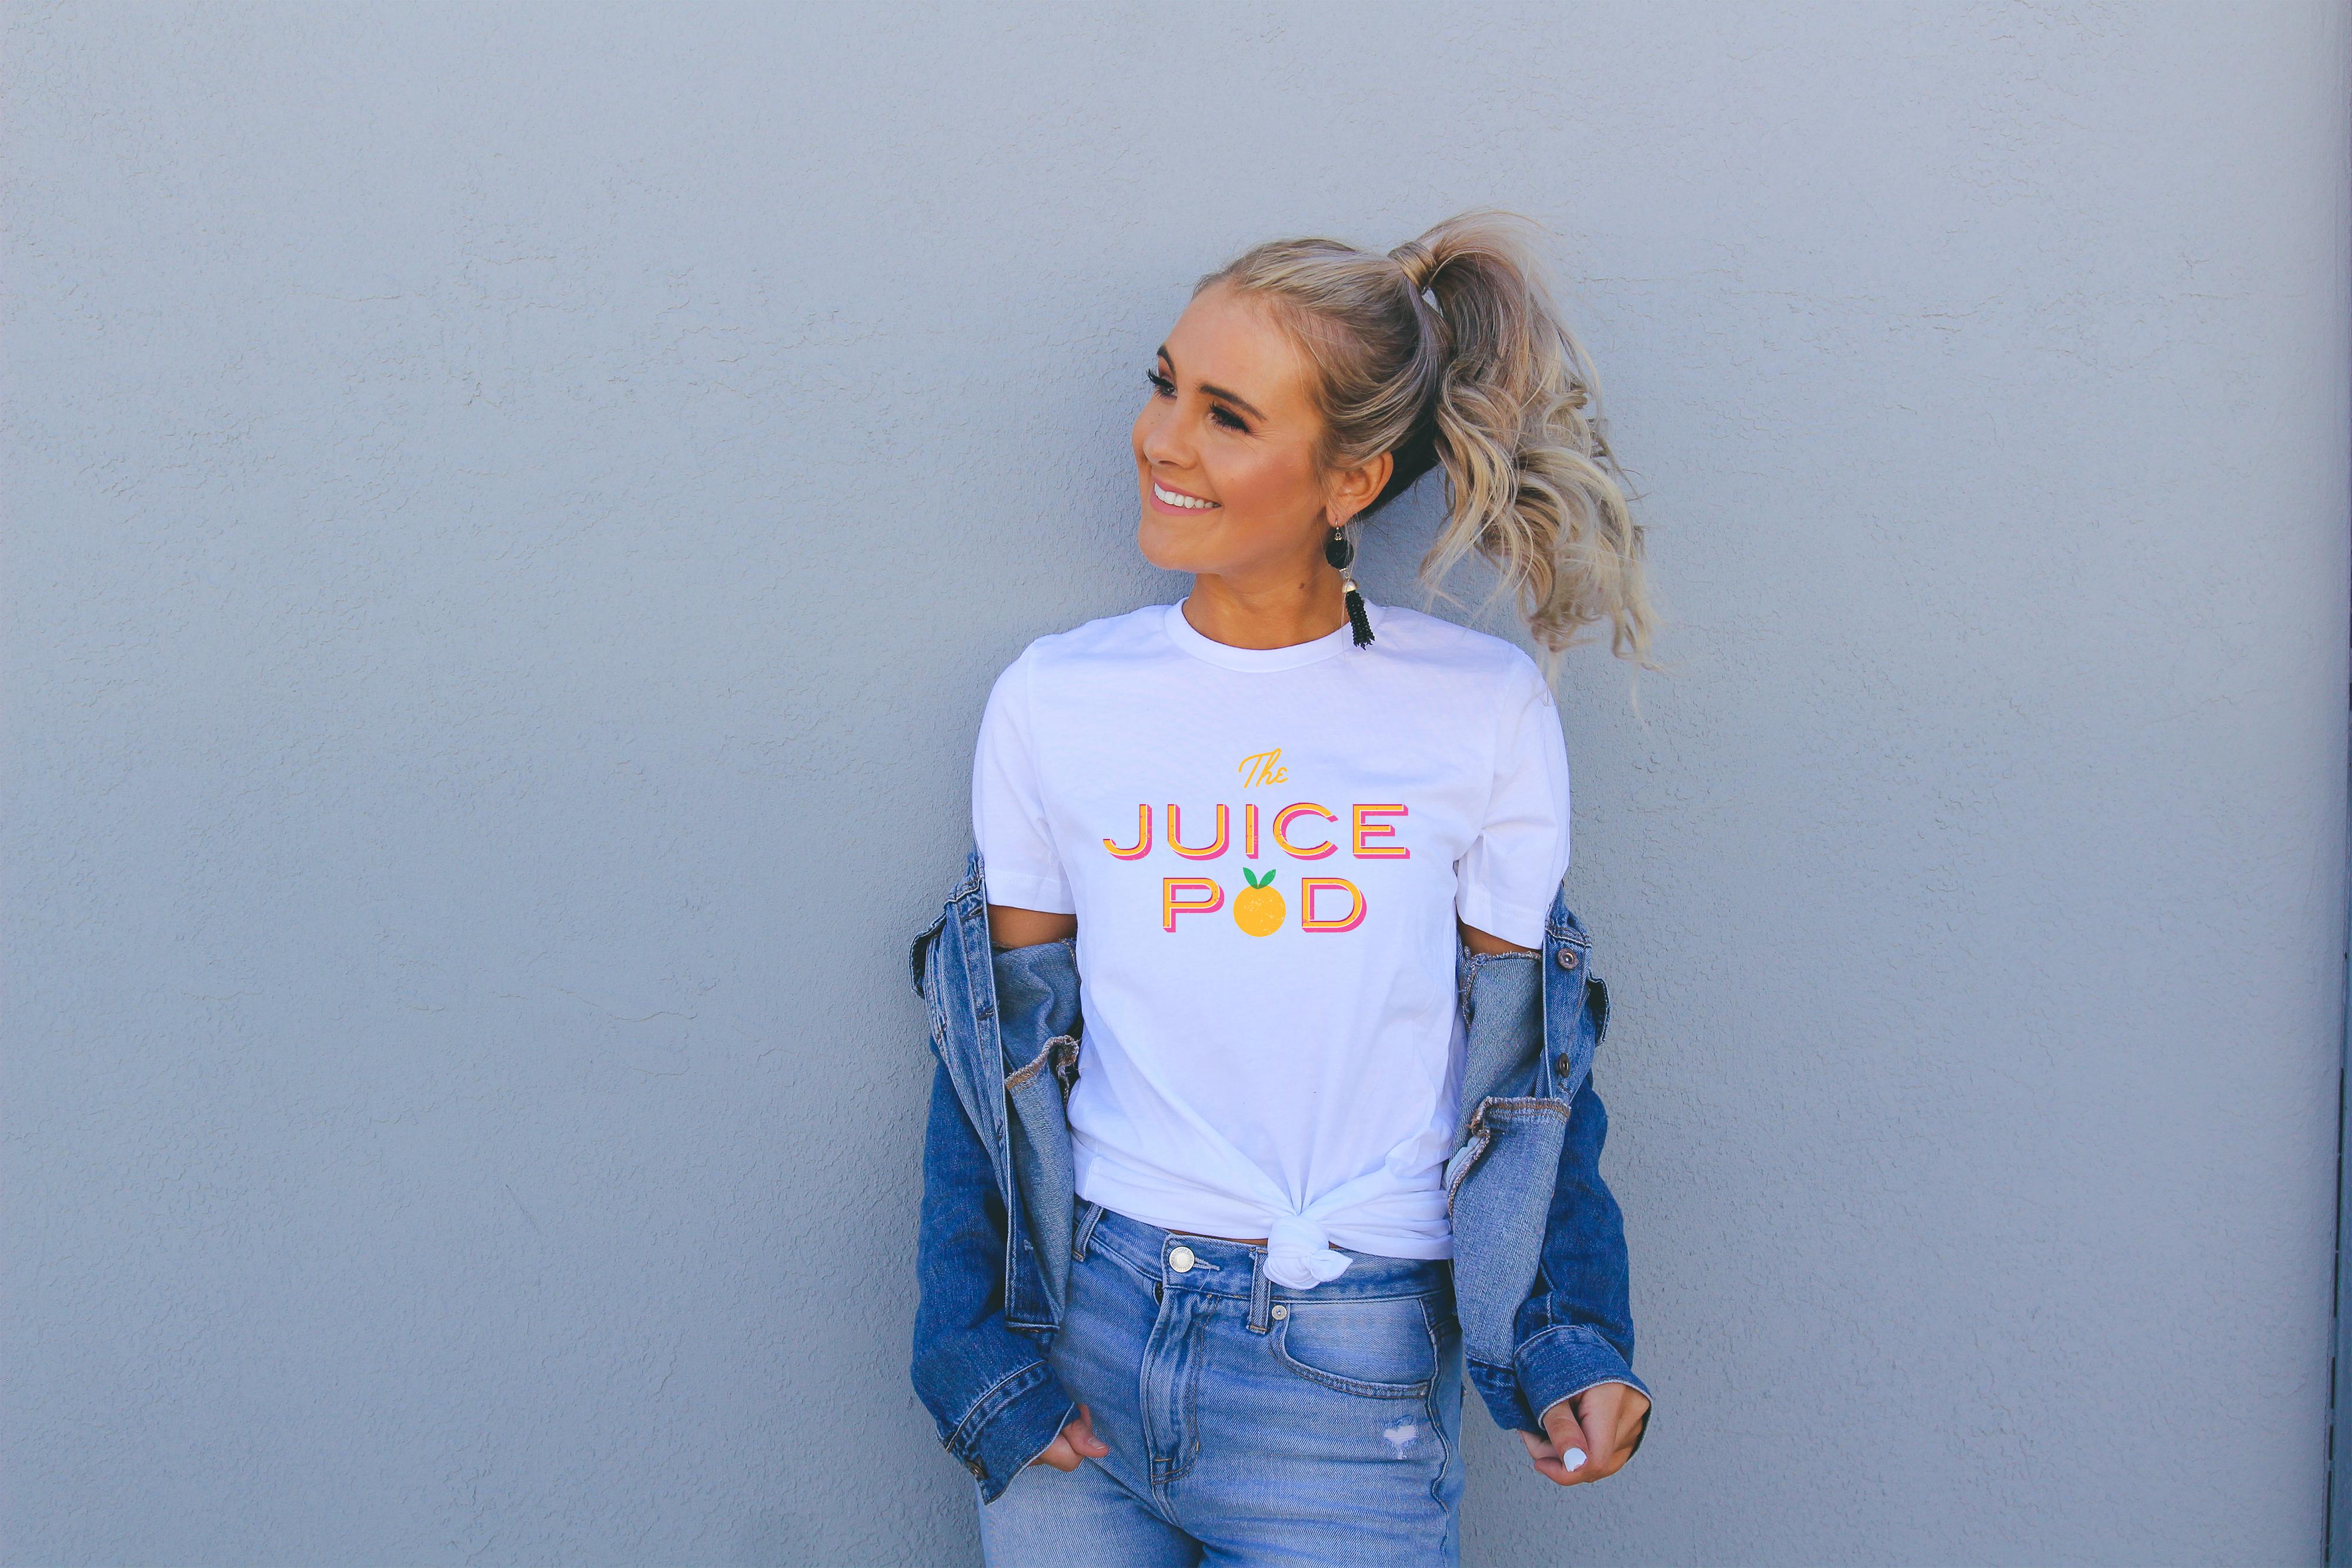 juicepodmodel.jpg